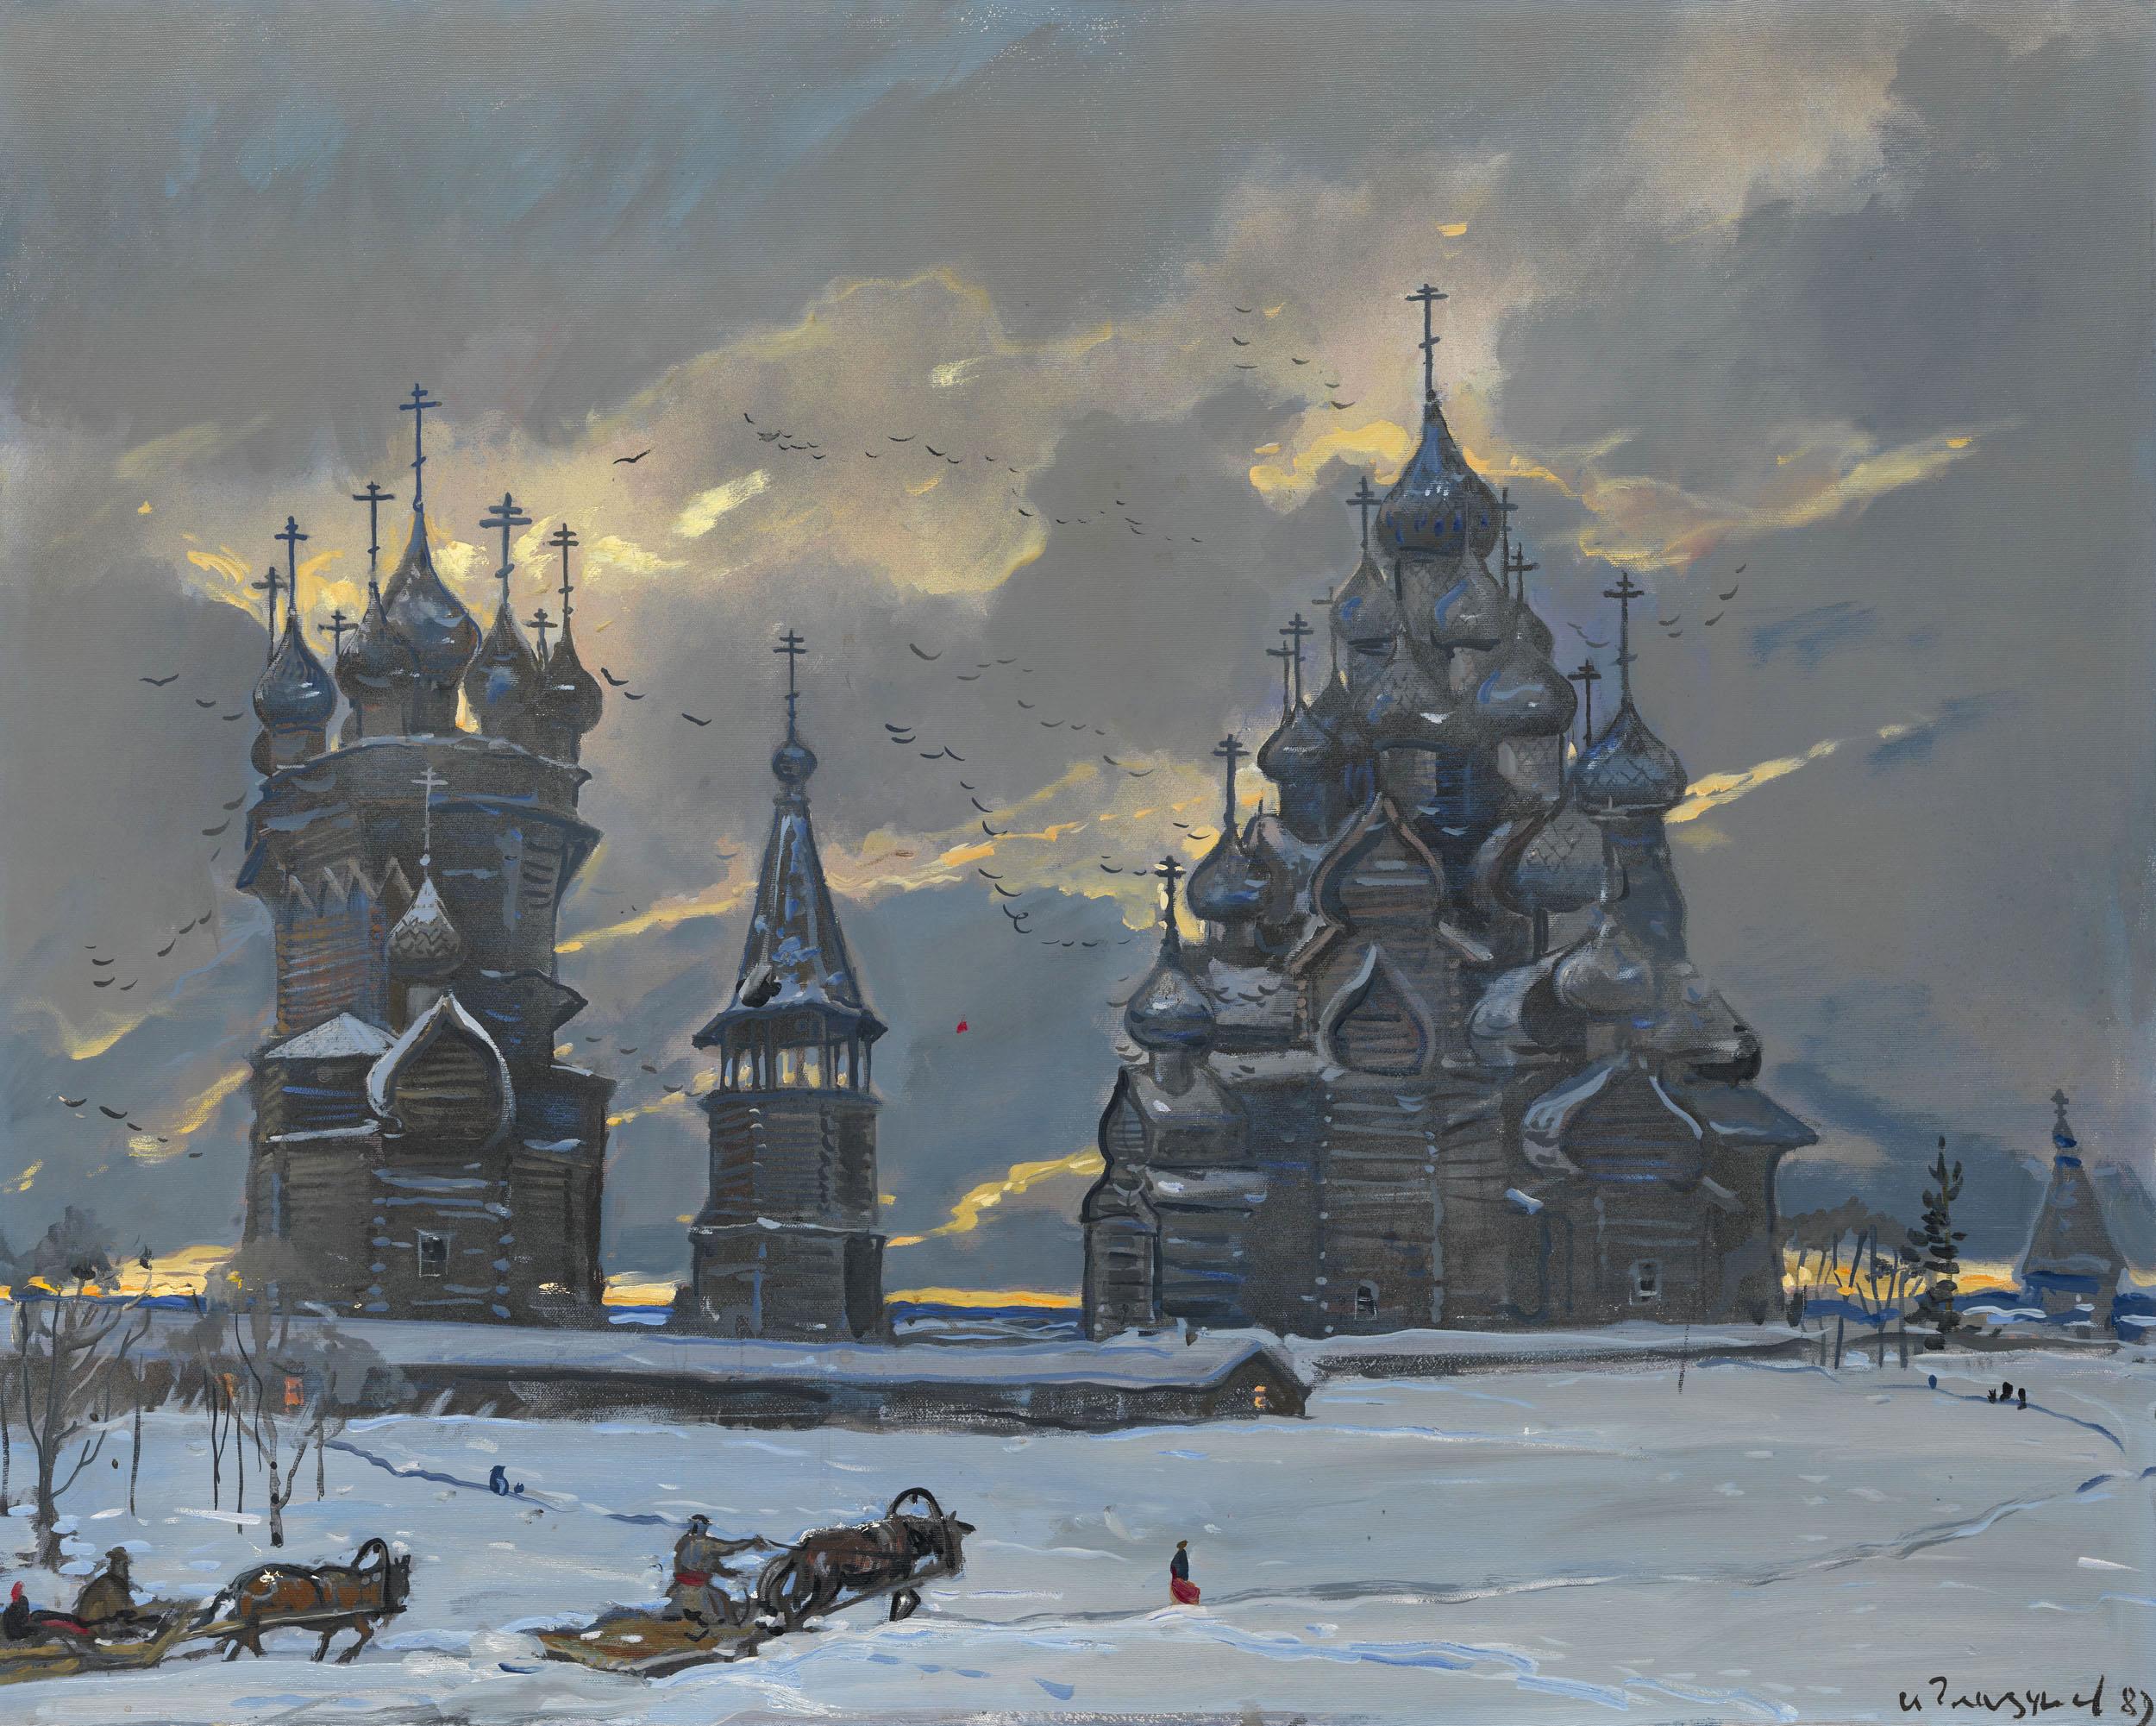 Илья Глазунов - Русский Север, 1989